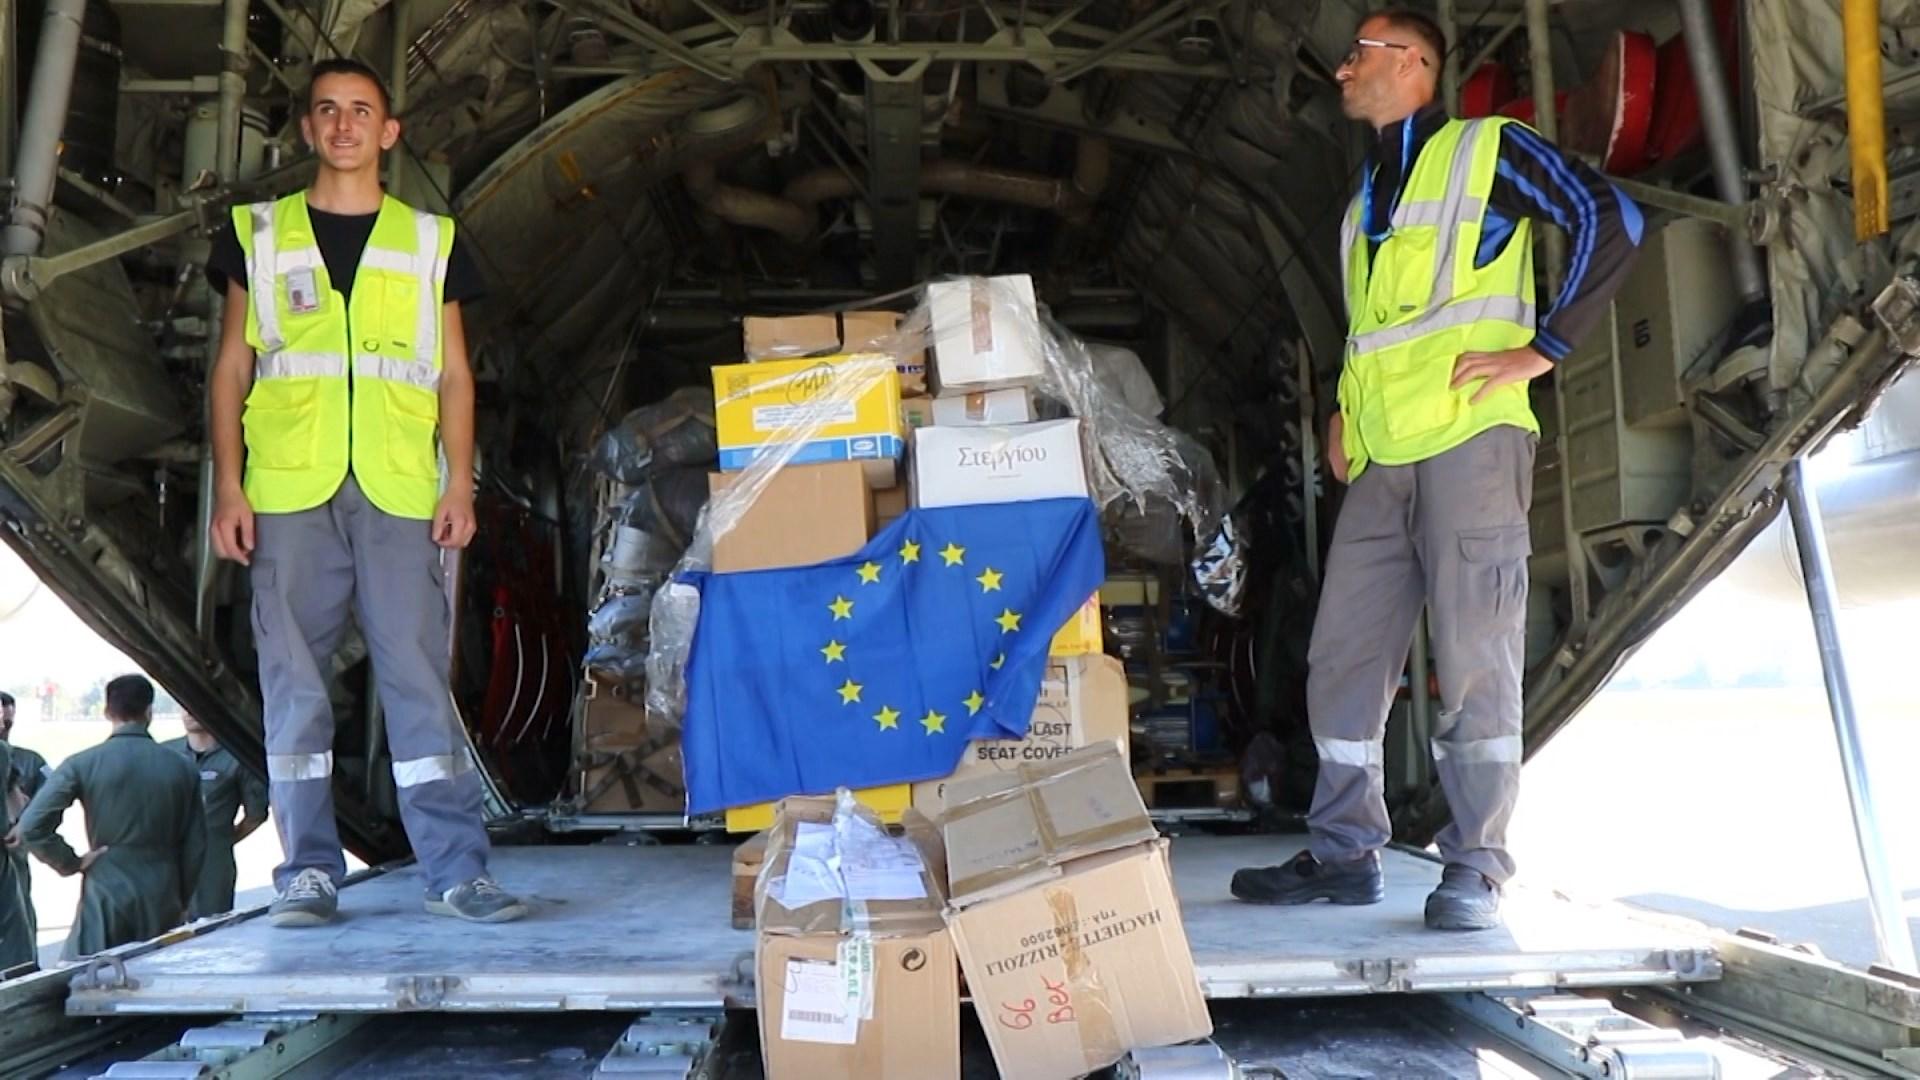 Mbërrin avioni me ndihma nga BE për familjet e prekura nga tërmeti